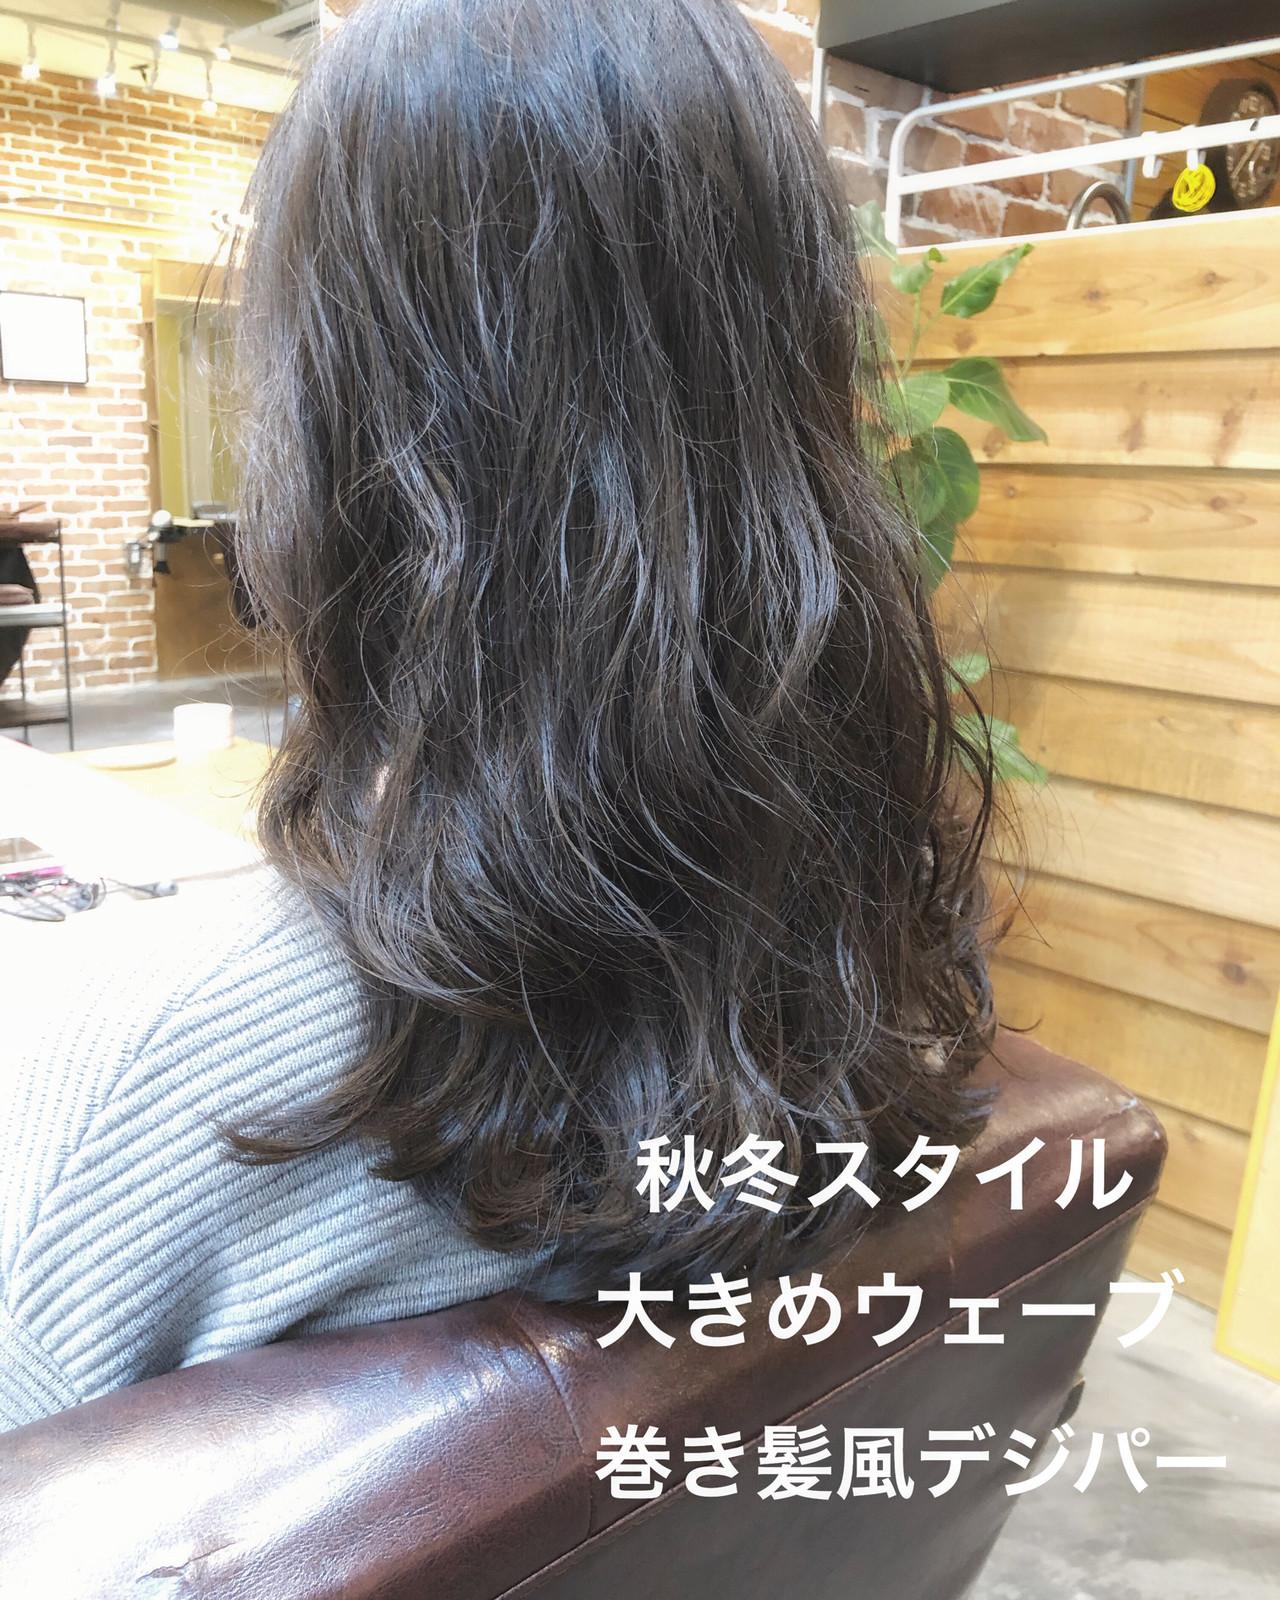 デジタルパーマ セミロング パーマ アンニュイほつれヘア ヘアスタイルや髪型の写真・画像